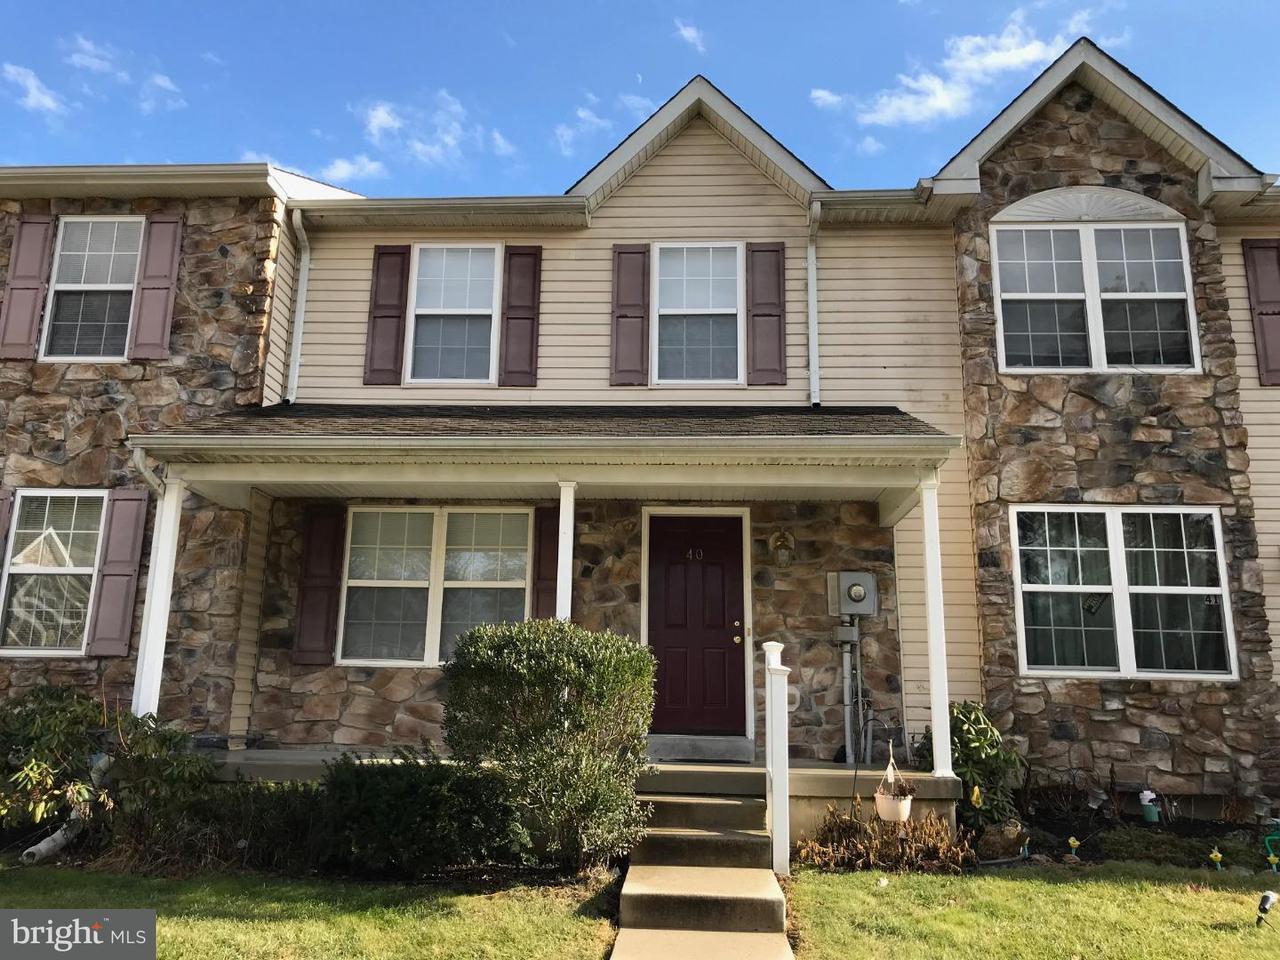 タウンハウス のために 賃貸 アット 40 NORMANS FORD Drive Sicklerville, ニュージャージー 08081 アメリカ合衆国